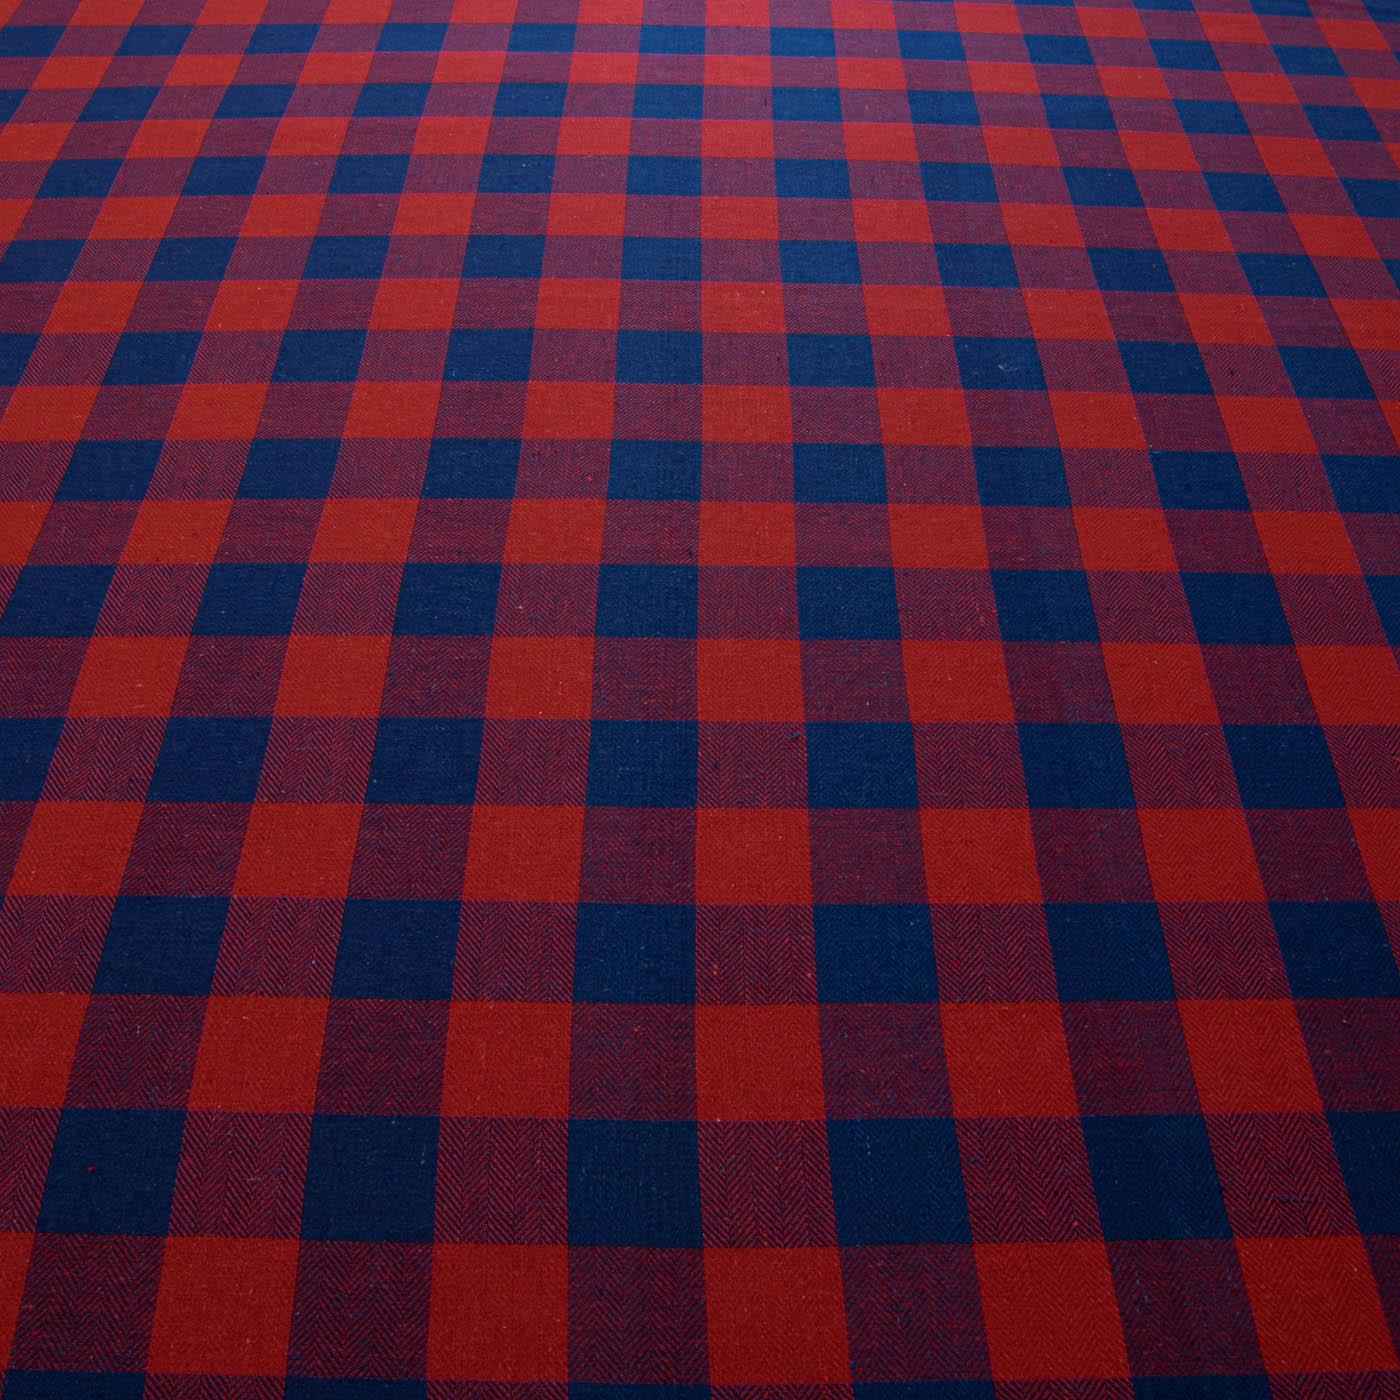 Tecido Flanela Xadrez Vermelho e Azul Royal Quadrado 3,60 Cm